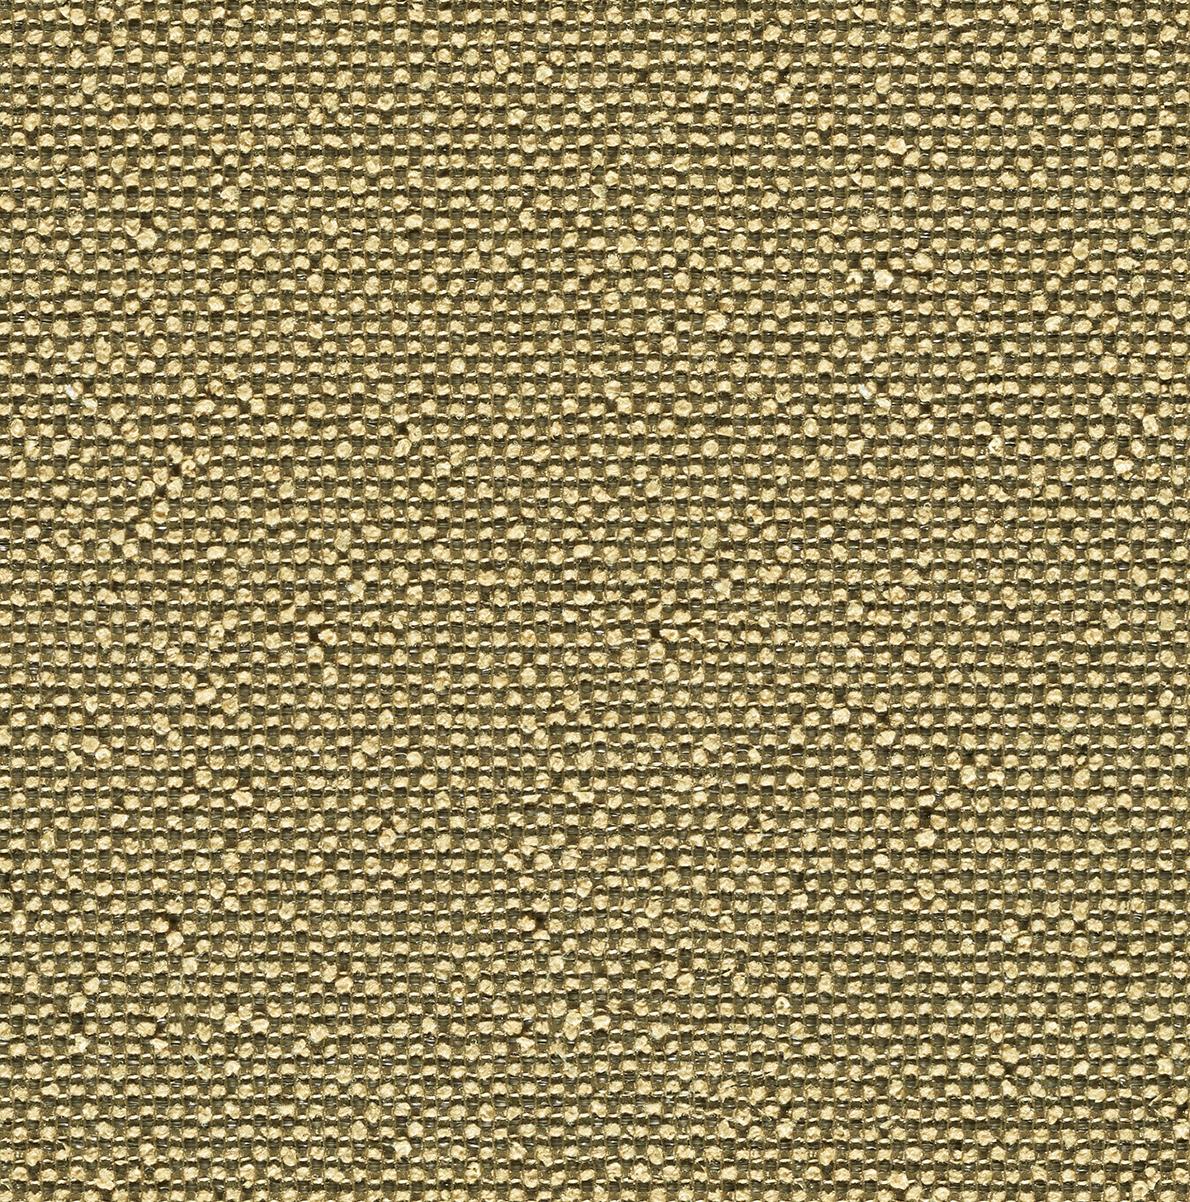 Rhetoric - Kairos - 7017 - 04 Tileable Swatches